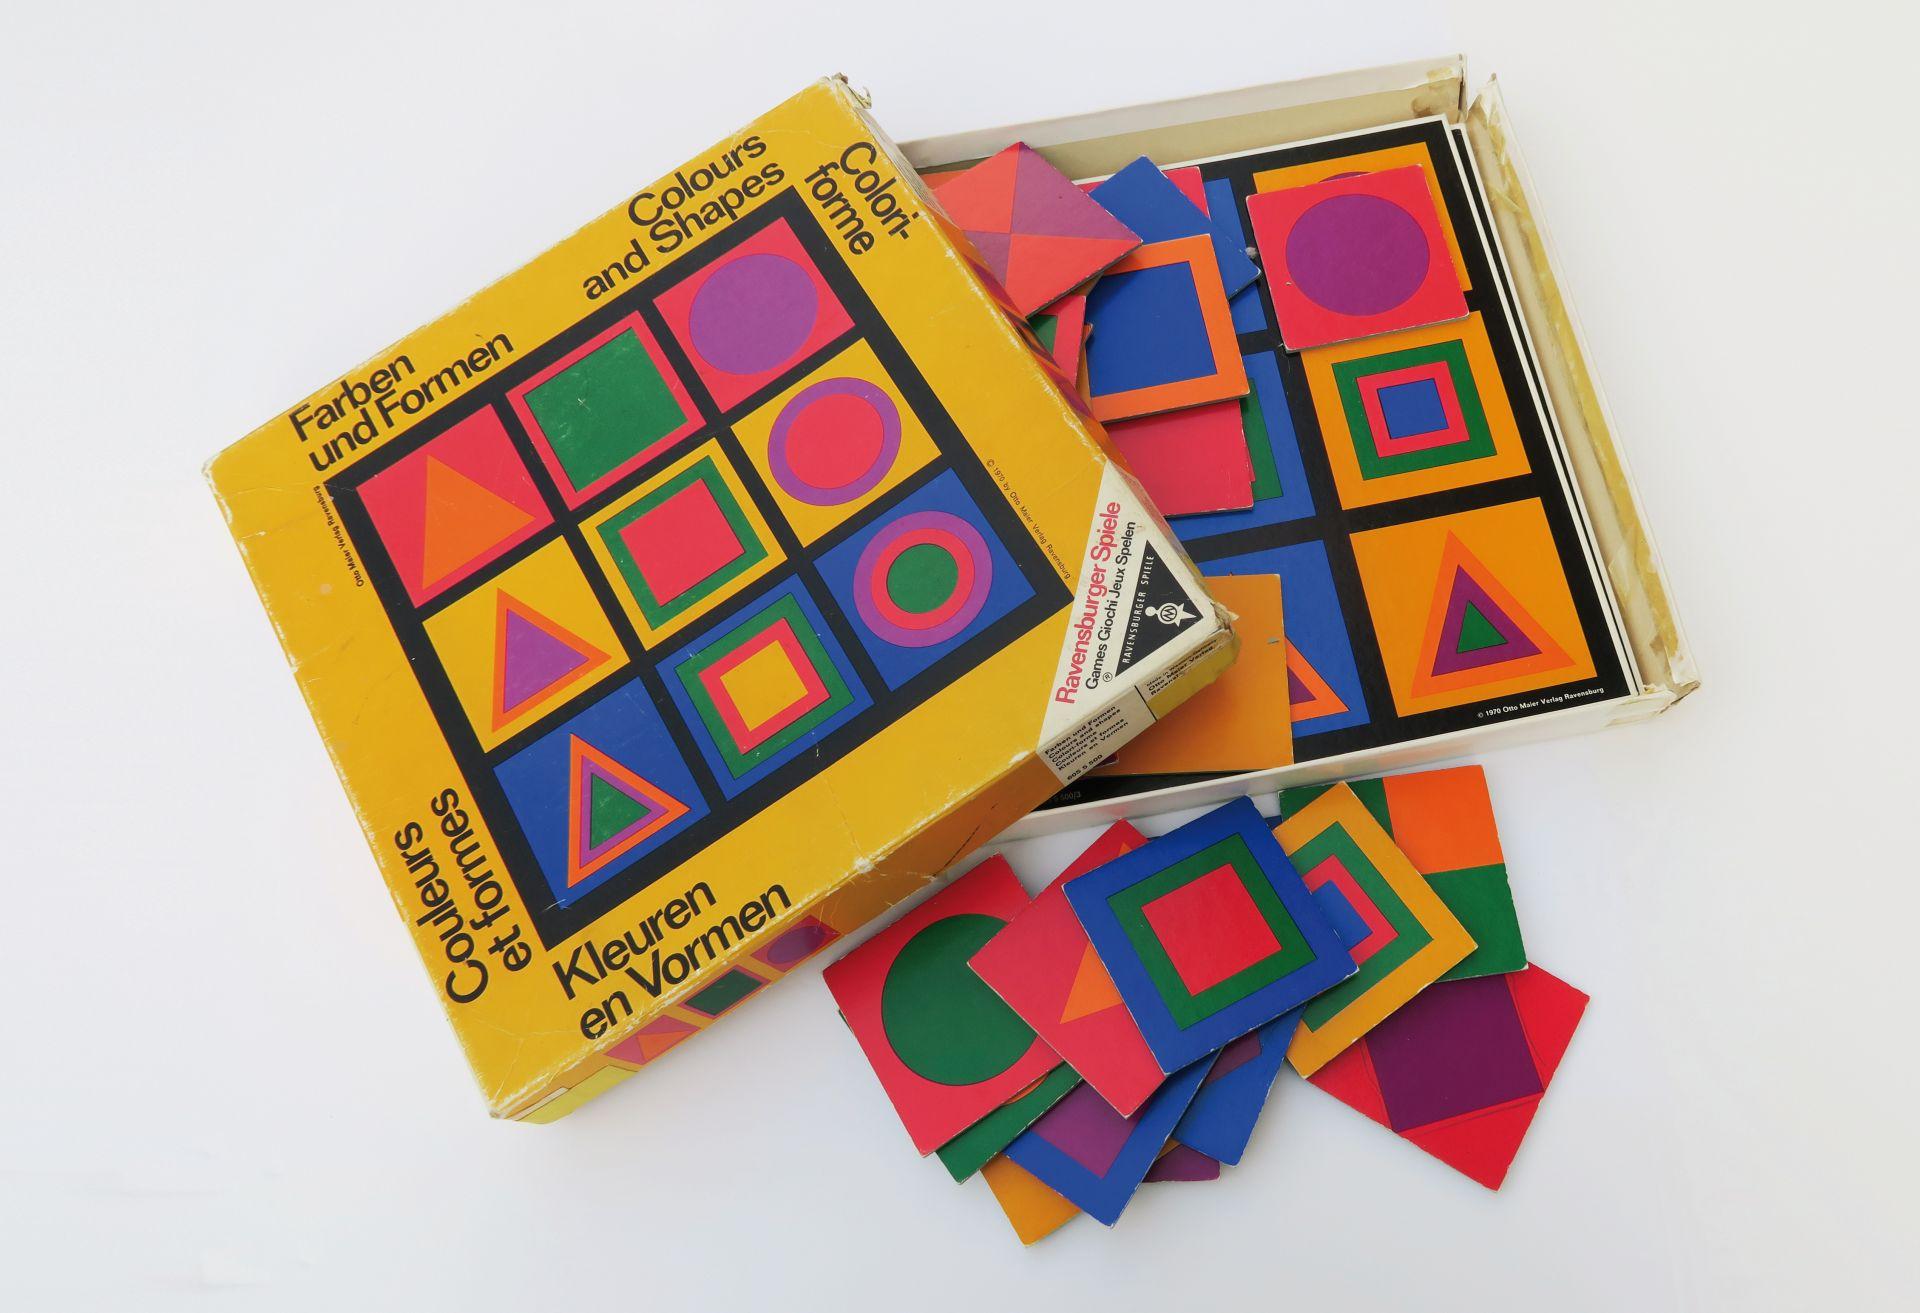 Die Farbgestaltung als Spielfeld: Farben und Formen, ca. 1970 (Bild ...